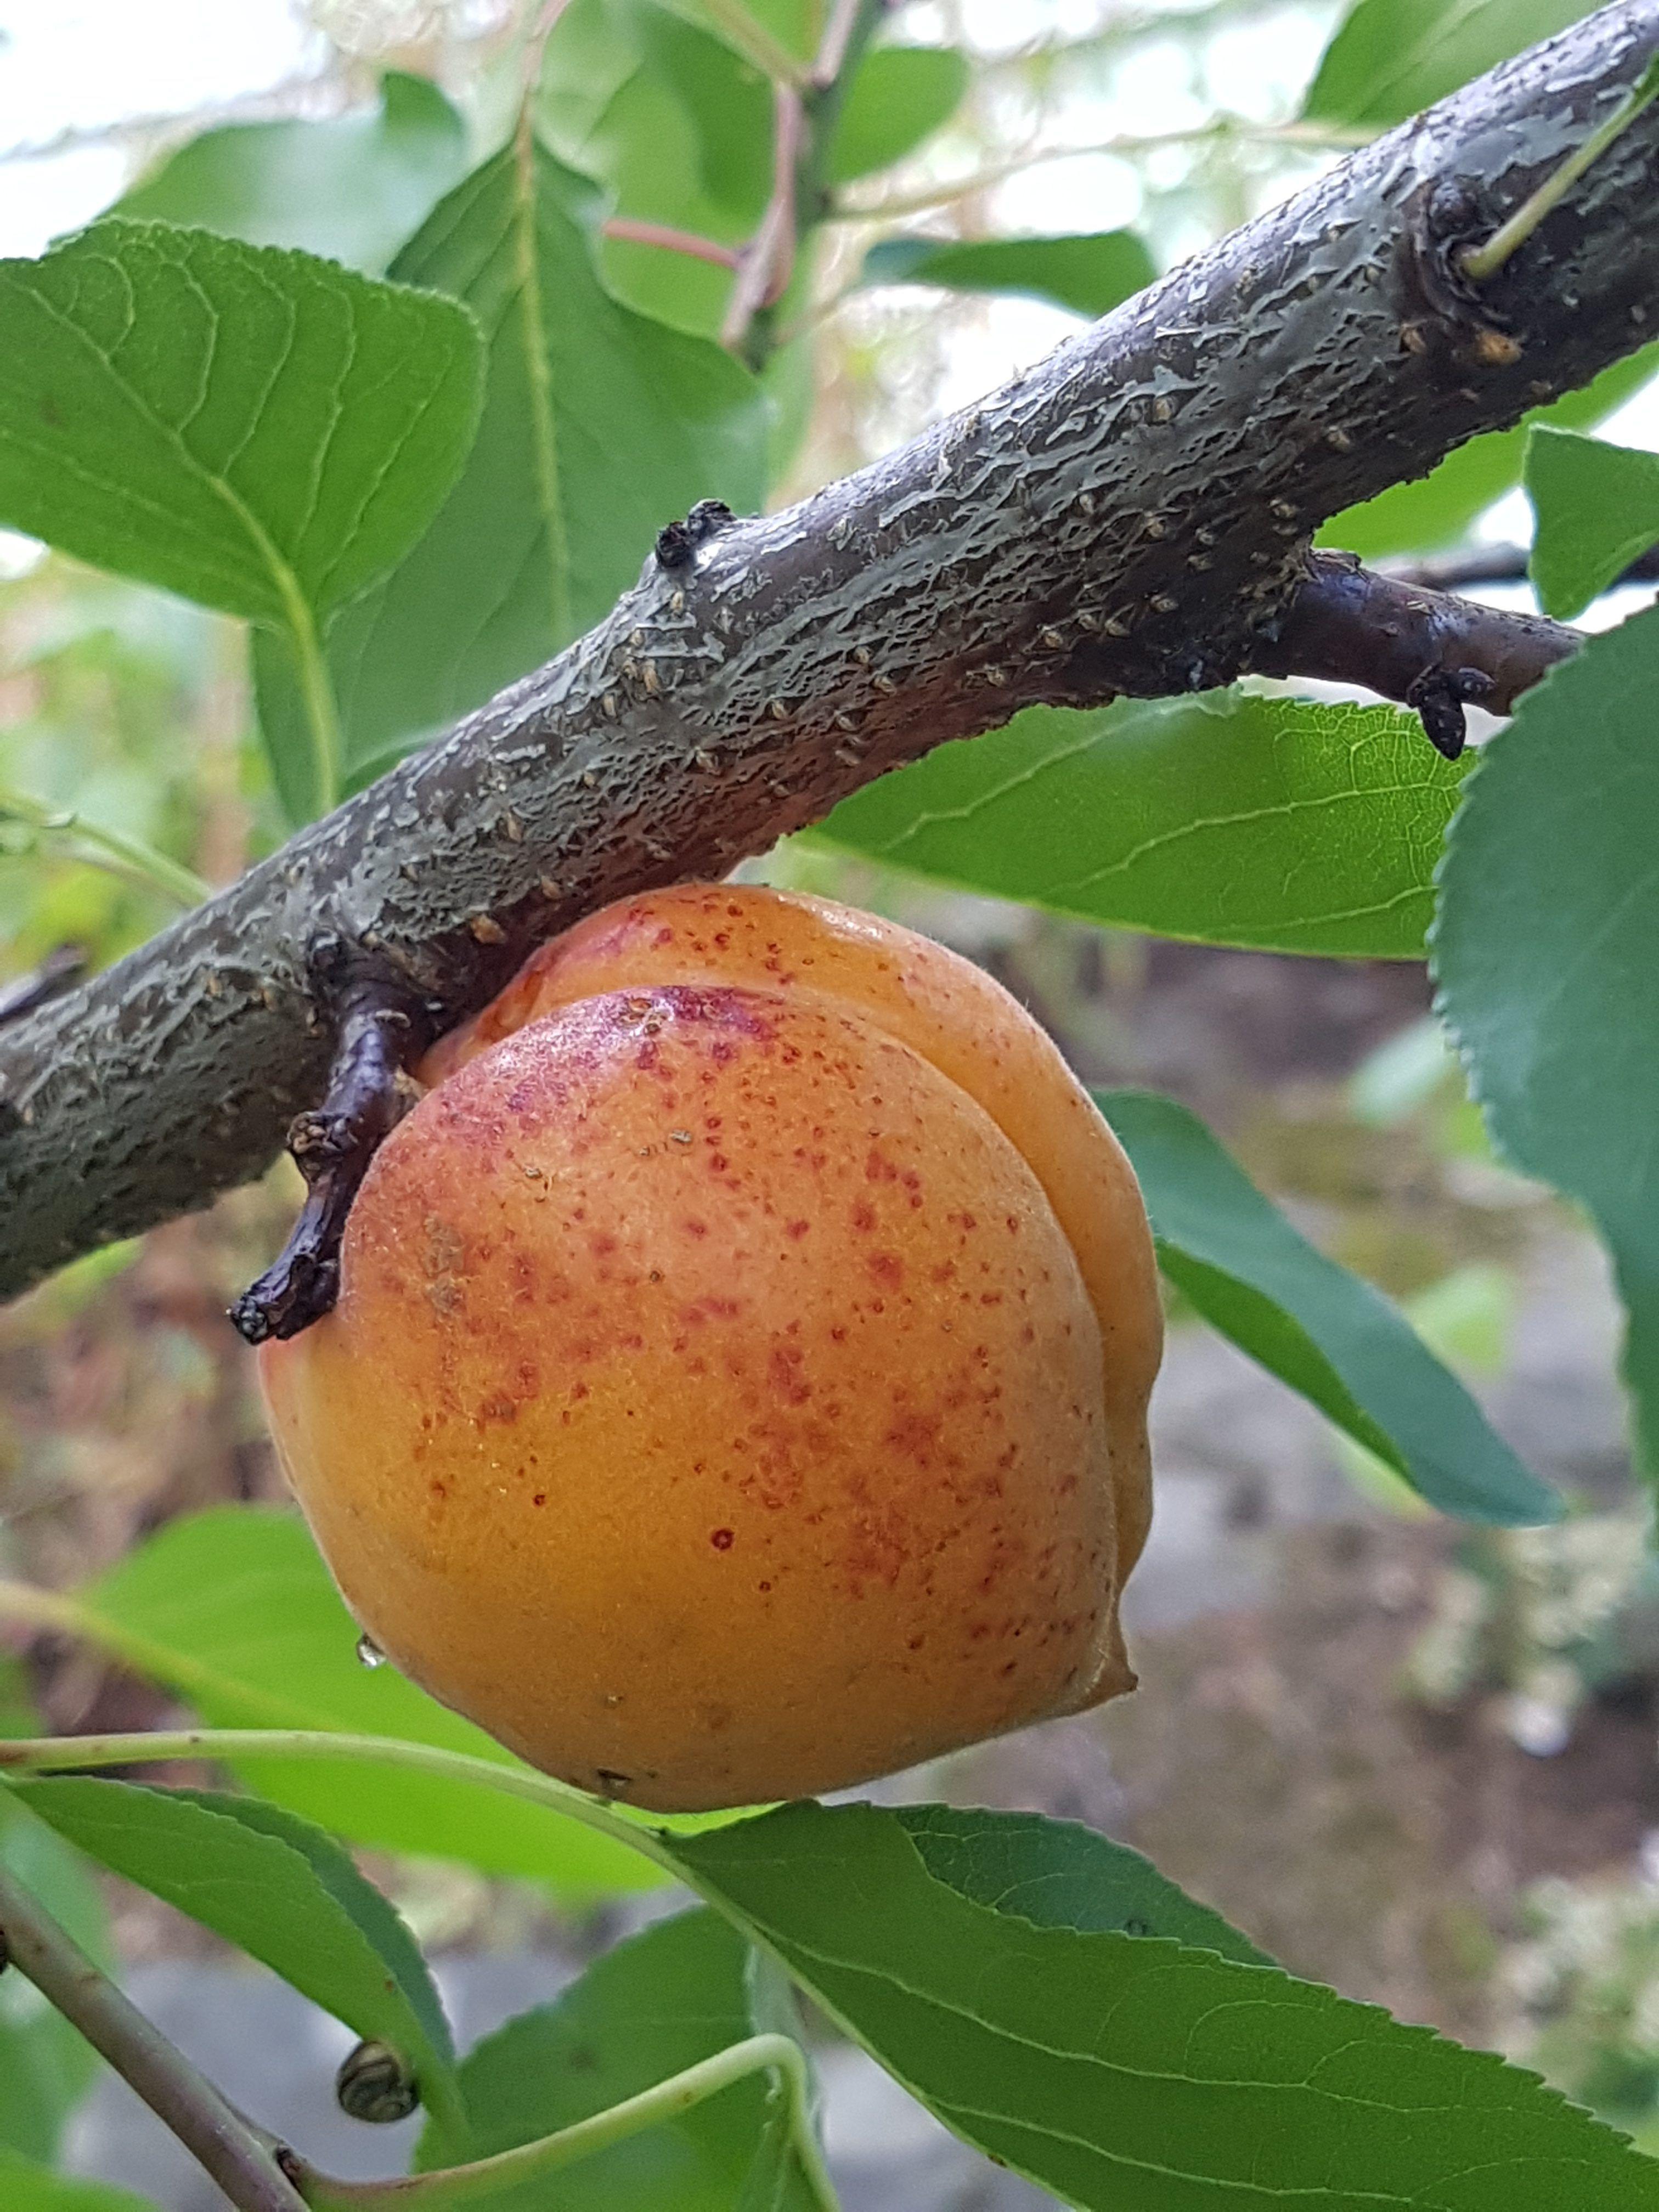 Aprikosene klar og mer i vente. Noen enkle grep for bedre frukthøst!